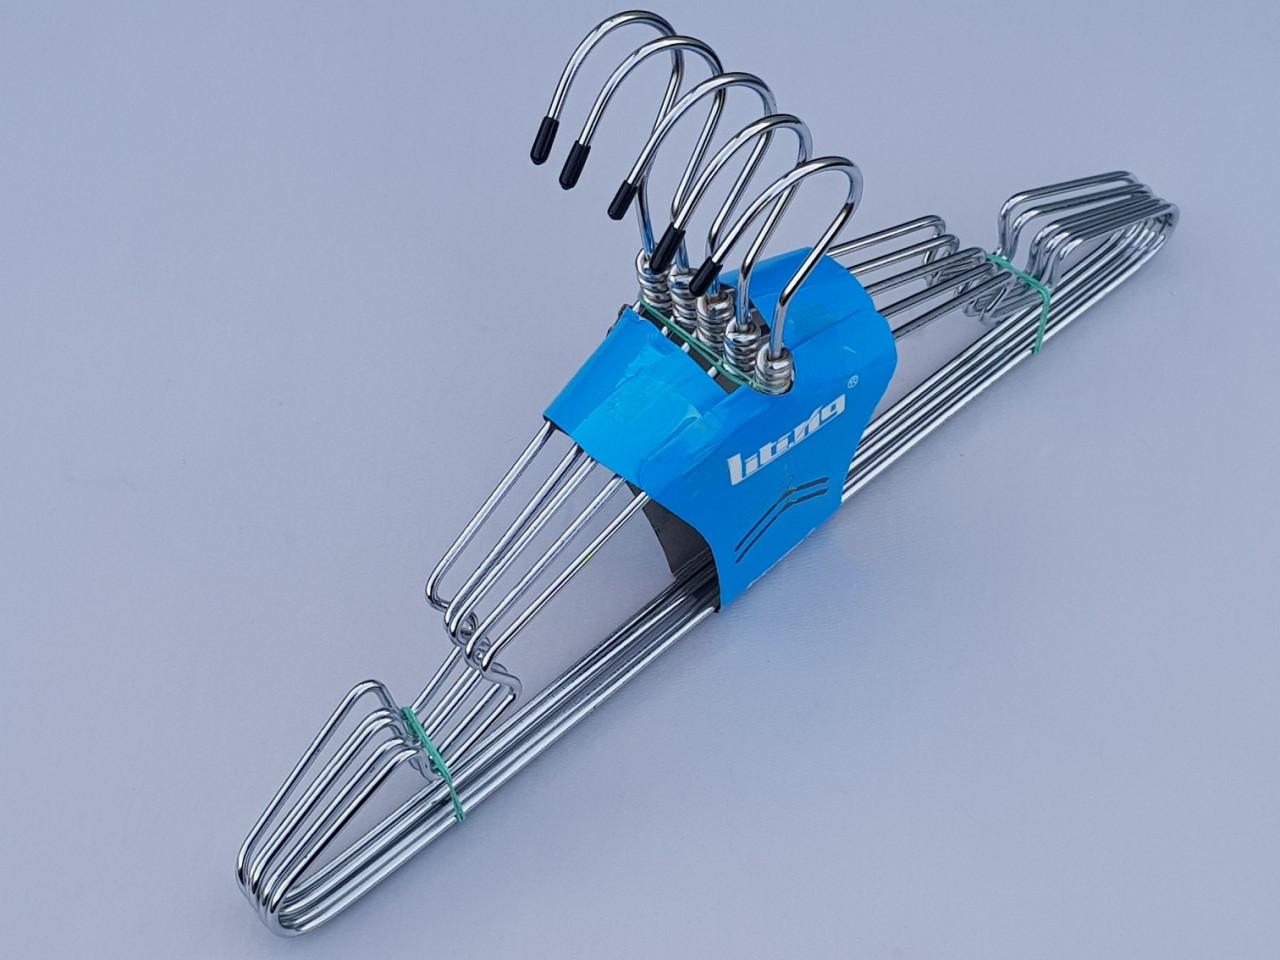 Плечики металлические хромированные с поворотным крючком и вырезами для бретелей, 41 см, 5 штук в упаковке